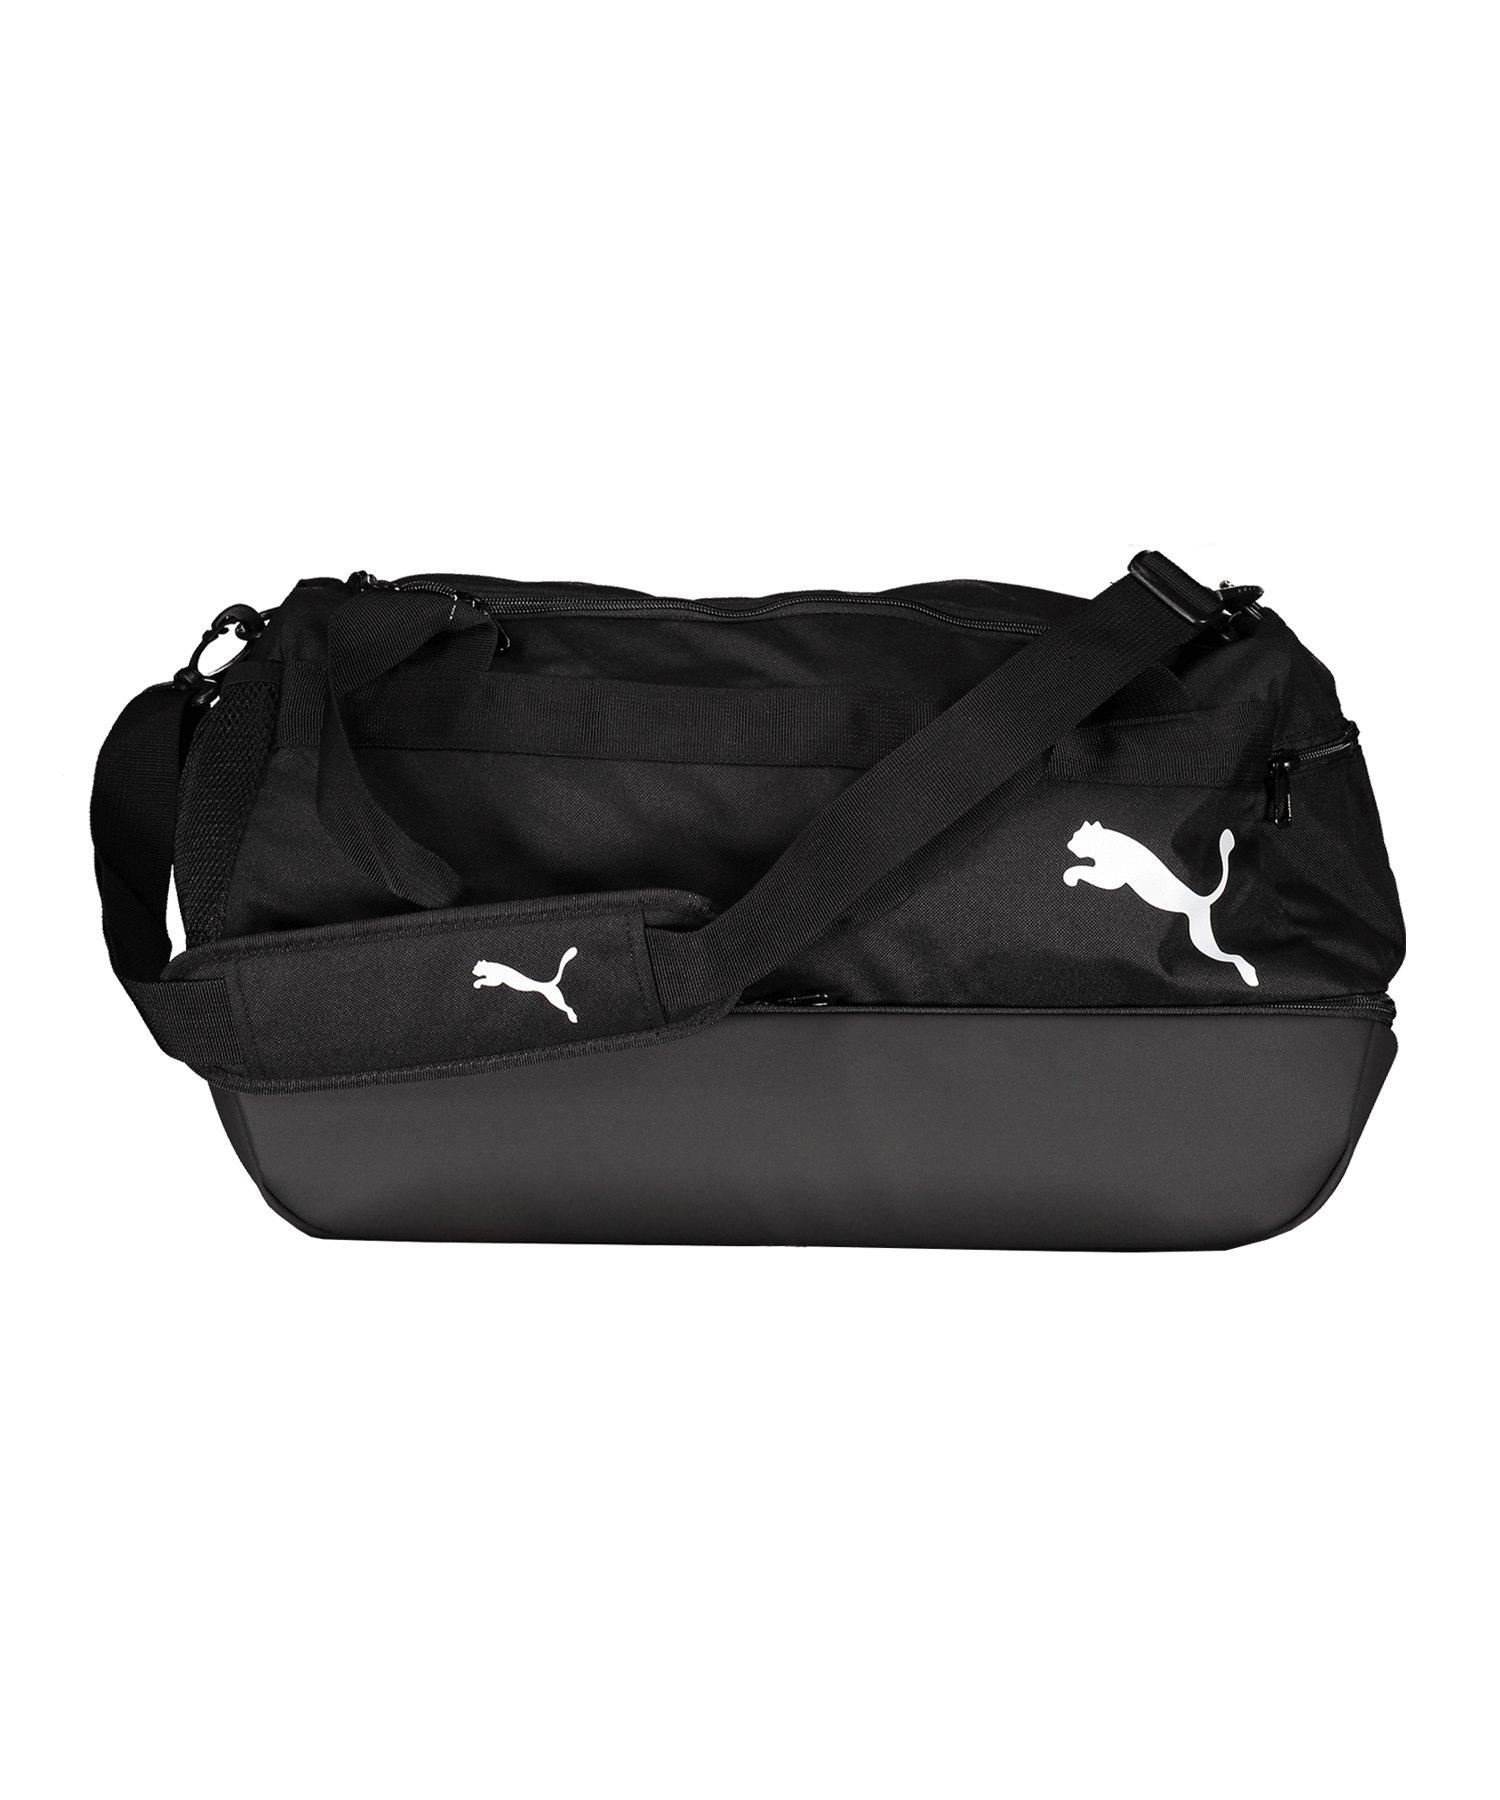 PUMA teamGOAL 23 Teambag Sporttasche BC Kids F03 - schwarz